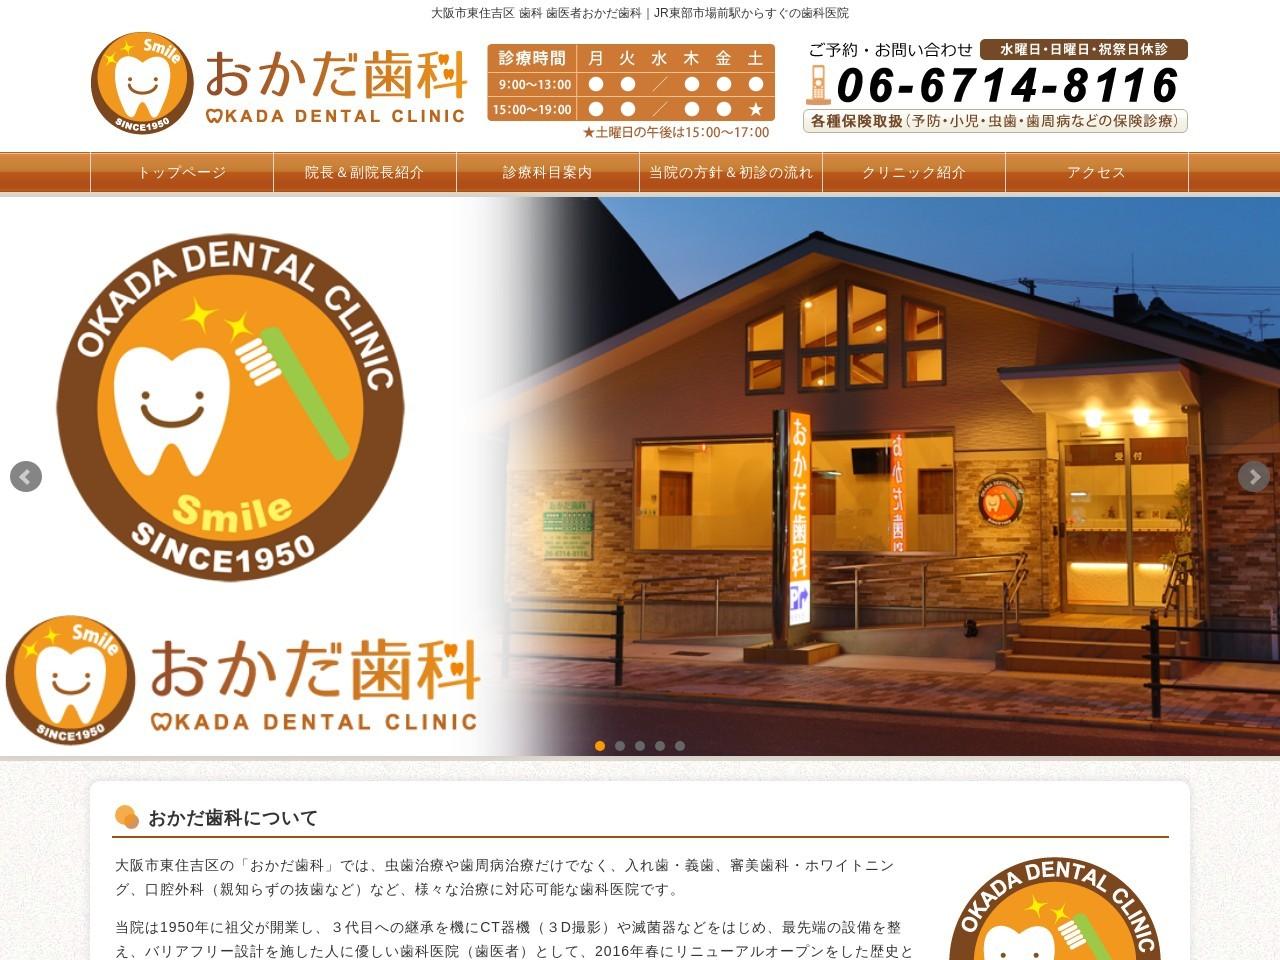 おかだ歯科 (大阪府大阪市東住吉区)